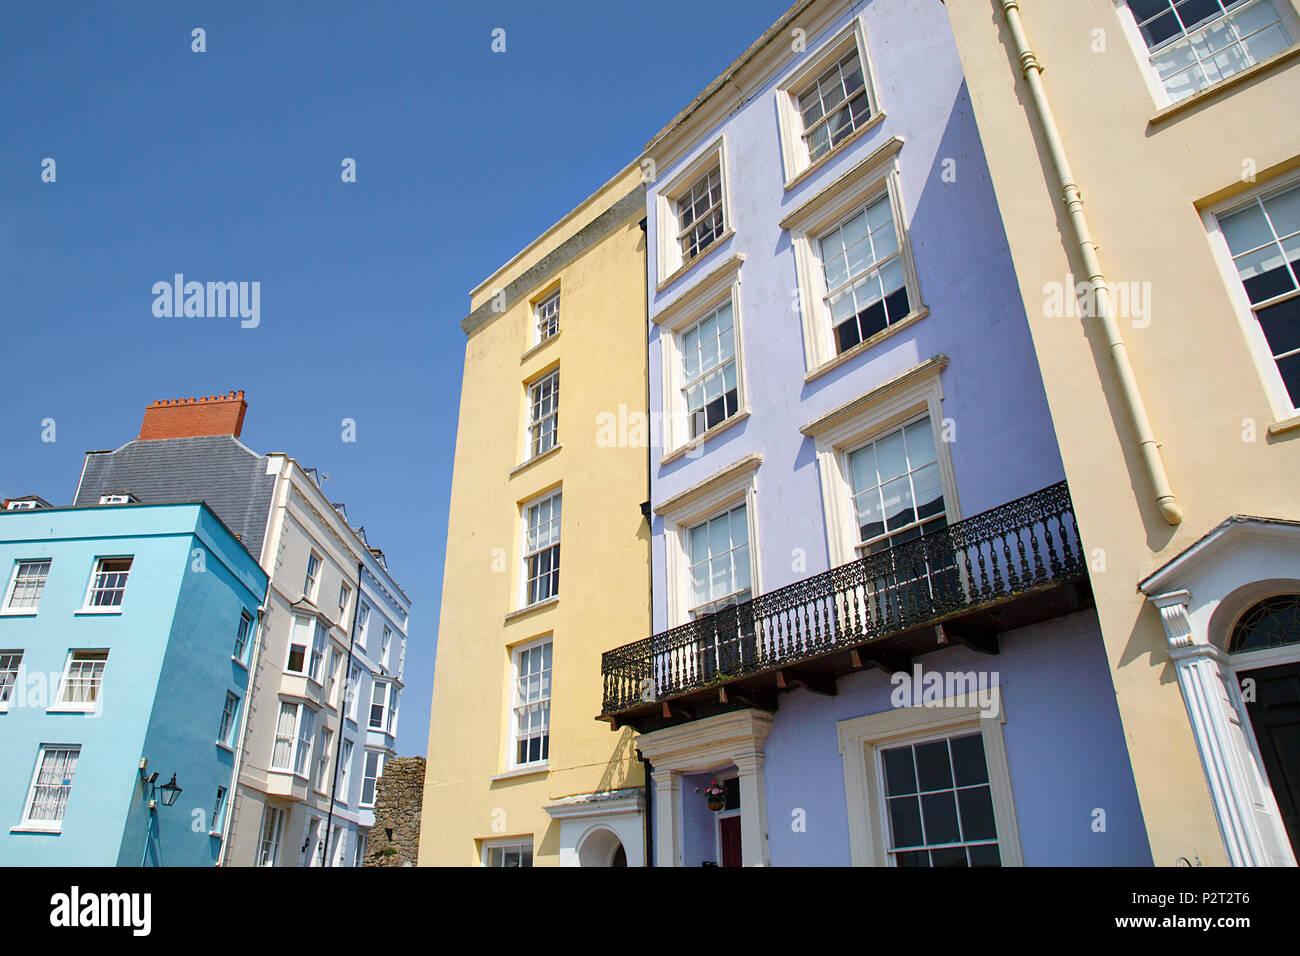 ) Tenby, UK: Junio 10, 2018:) Tenby es una ciudad portuaria y resort en el suroeste de Gales, conocido por sus casas de estilo georgiano maravillosamente pintado y hoteles. Imagen De Stock